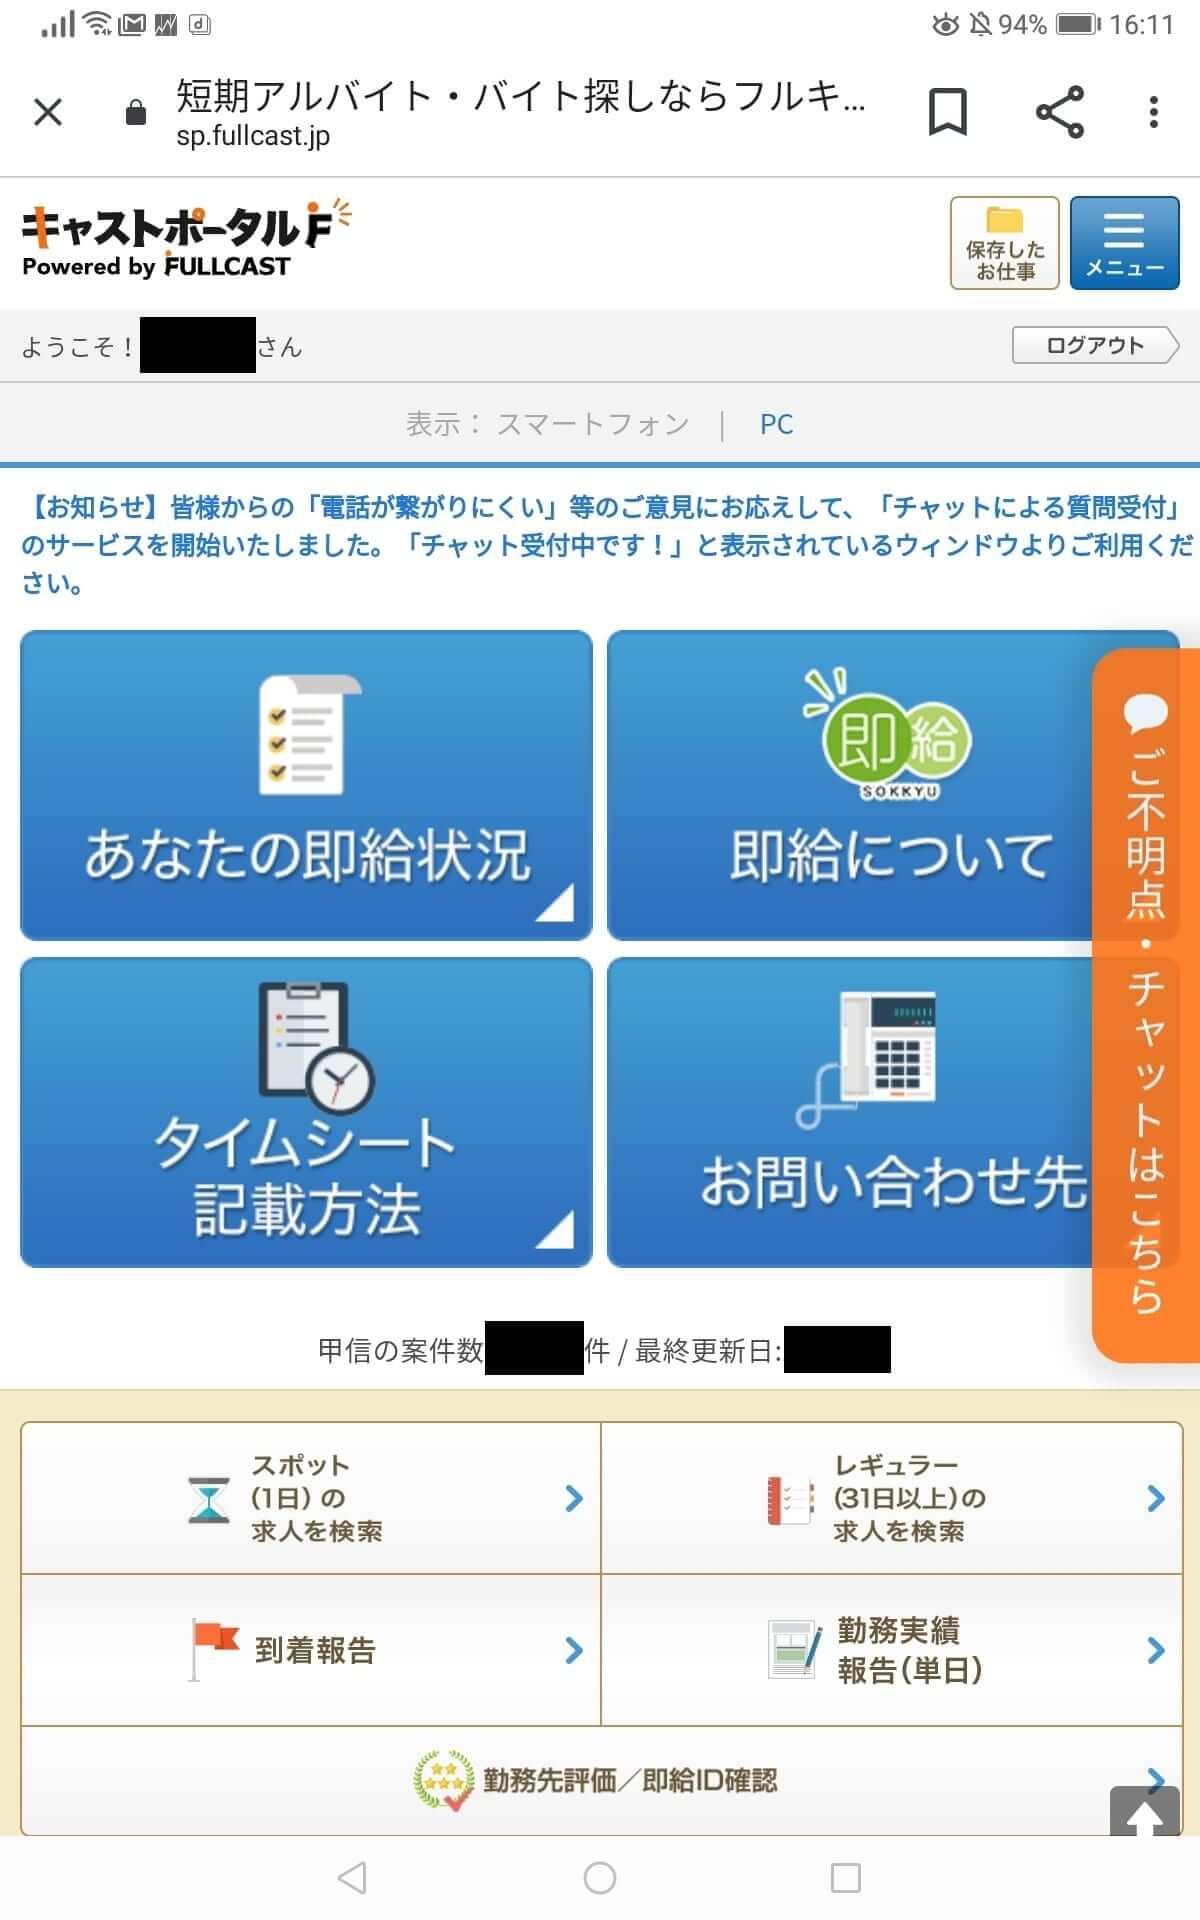 フルキャスト甲府支店 WEB登録